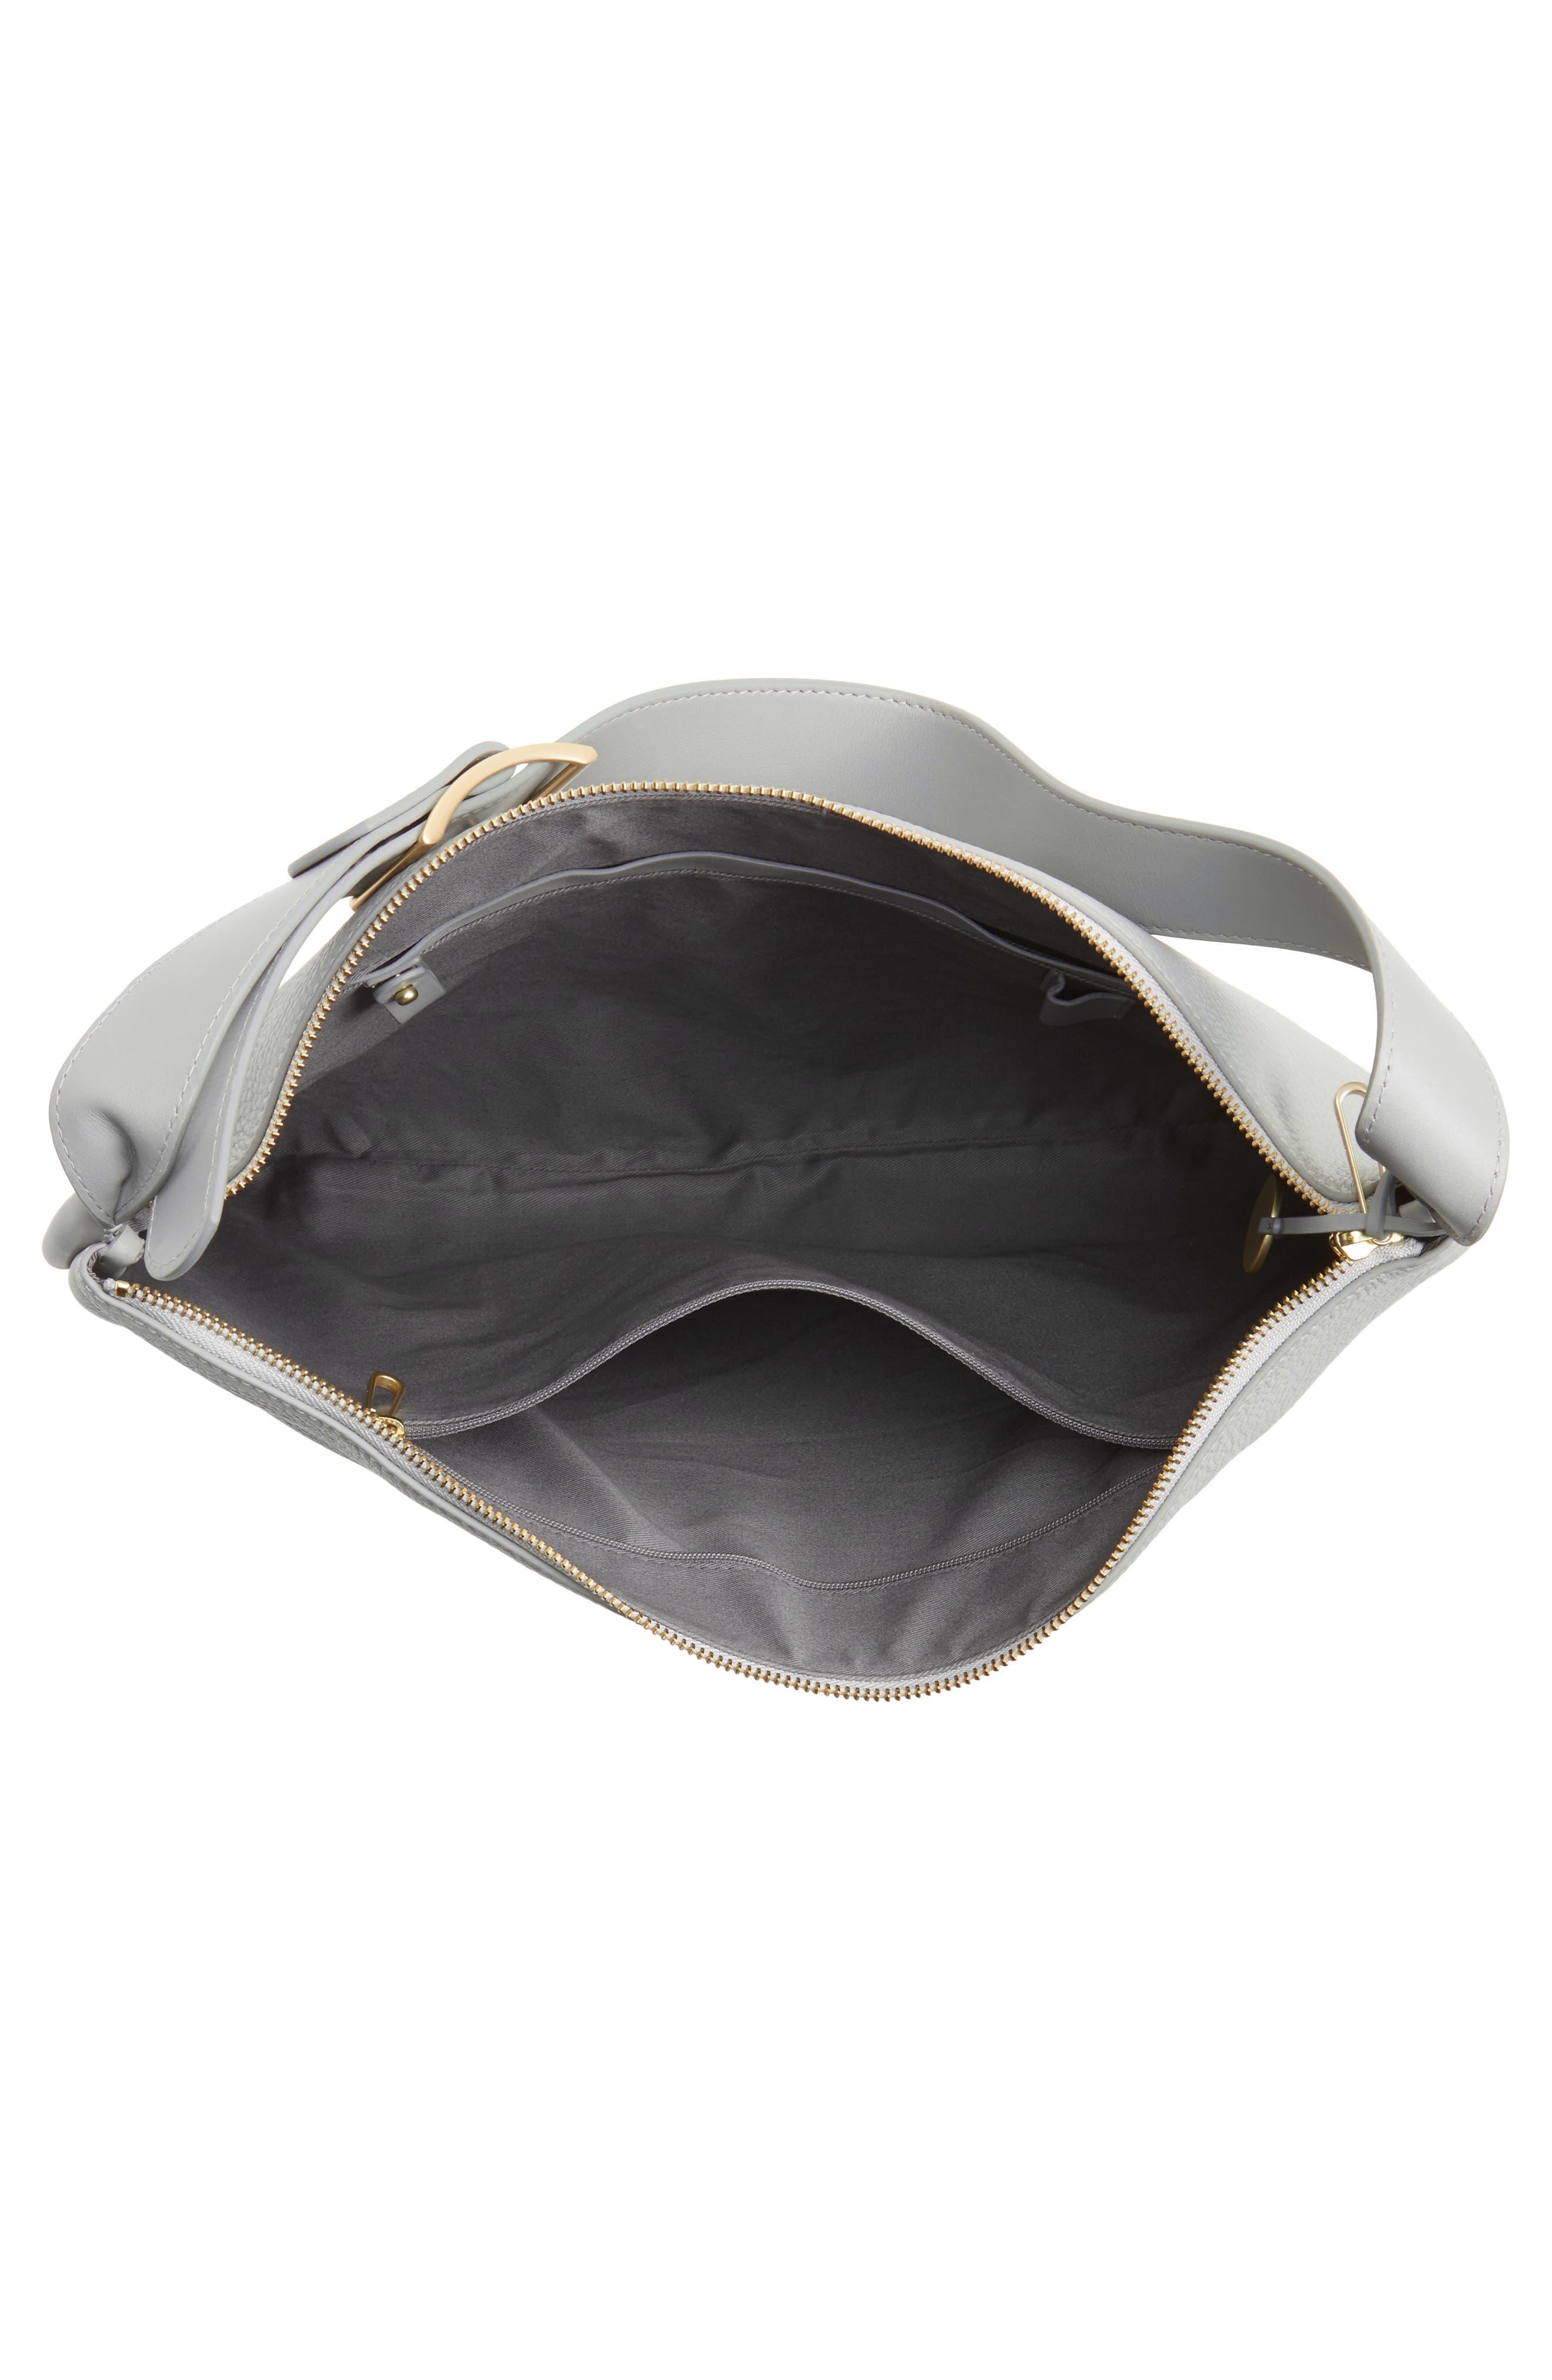 Anesa Leather Shoulder Bag,                             Alternate thumbnail 4, color,                             022